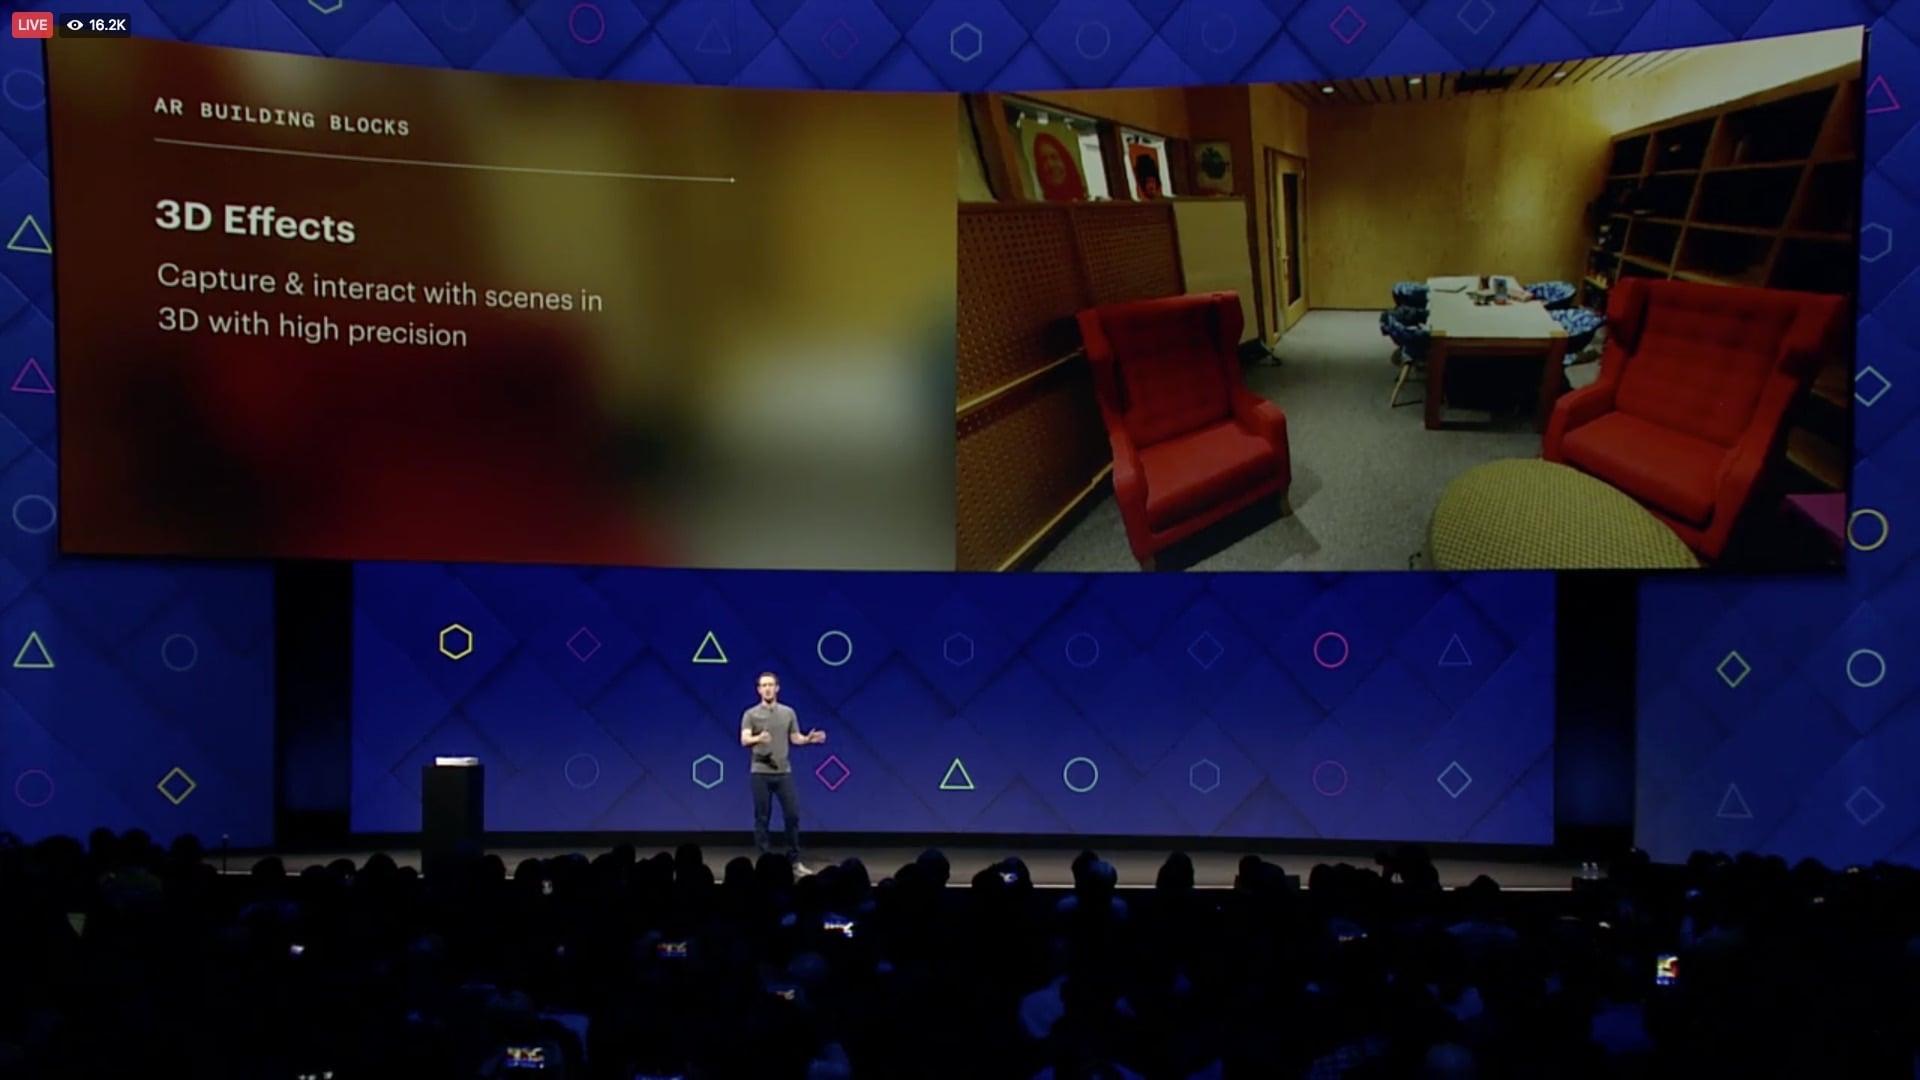 Facebook's Camera Effects Platform - 3D Effects